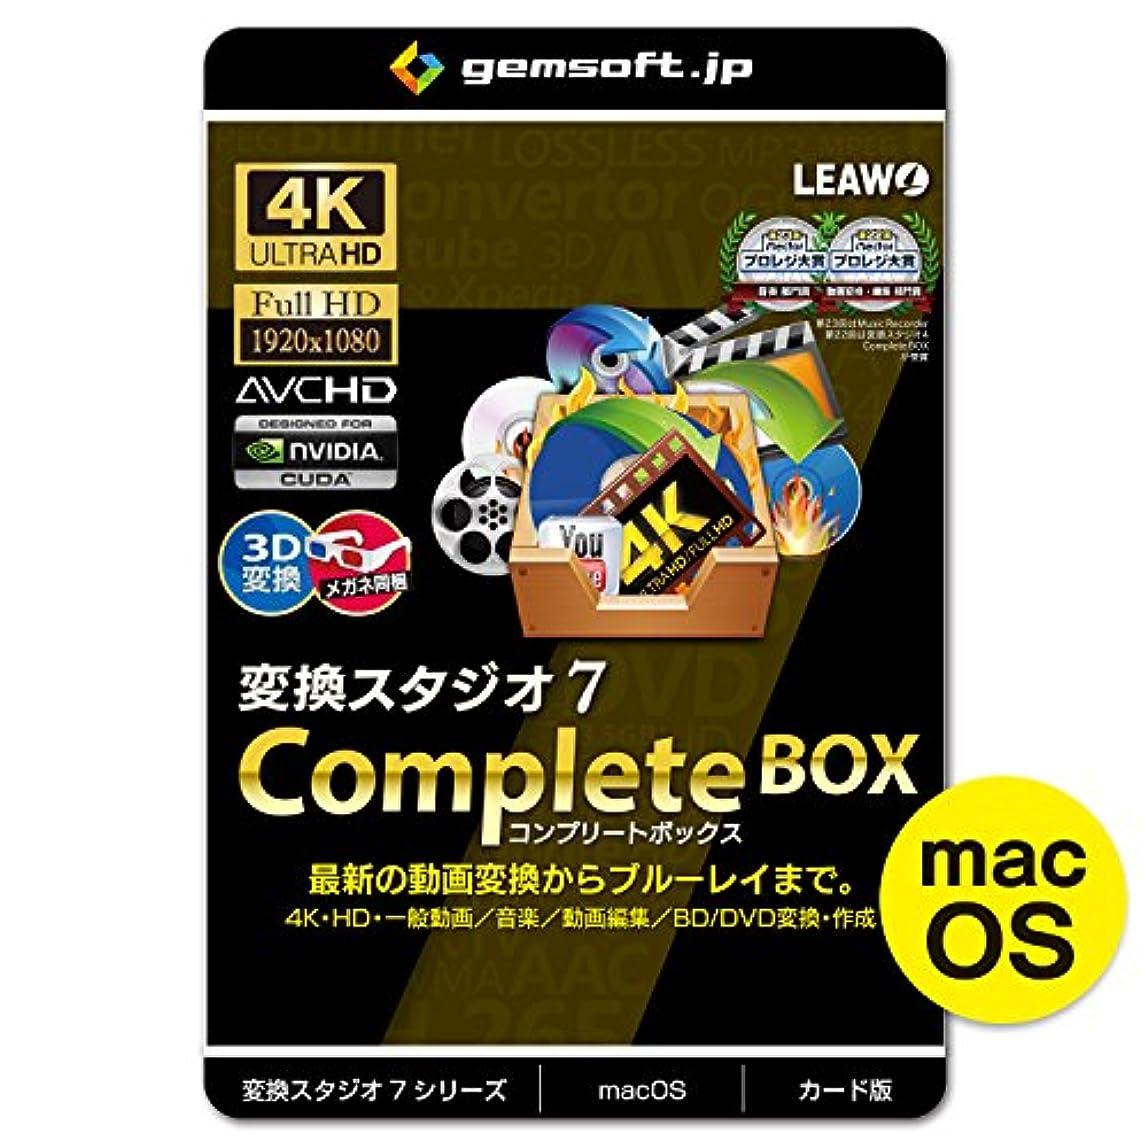 針観察する実験をする変換スタジオ7 CompleteBOX Mac版 | 変換スタジオ7シリーズ | カード版 | Mac対応